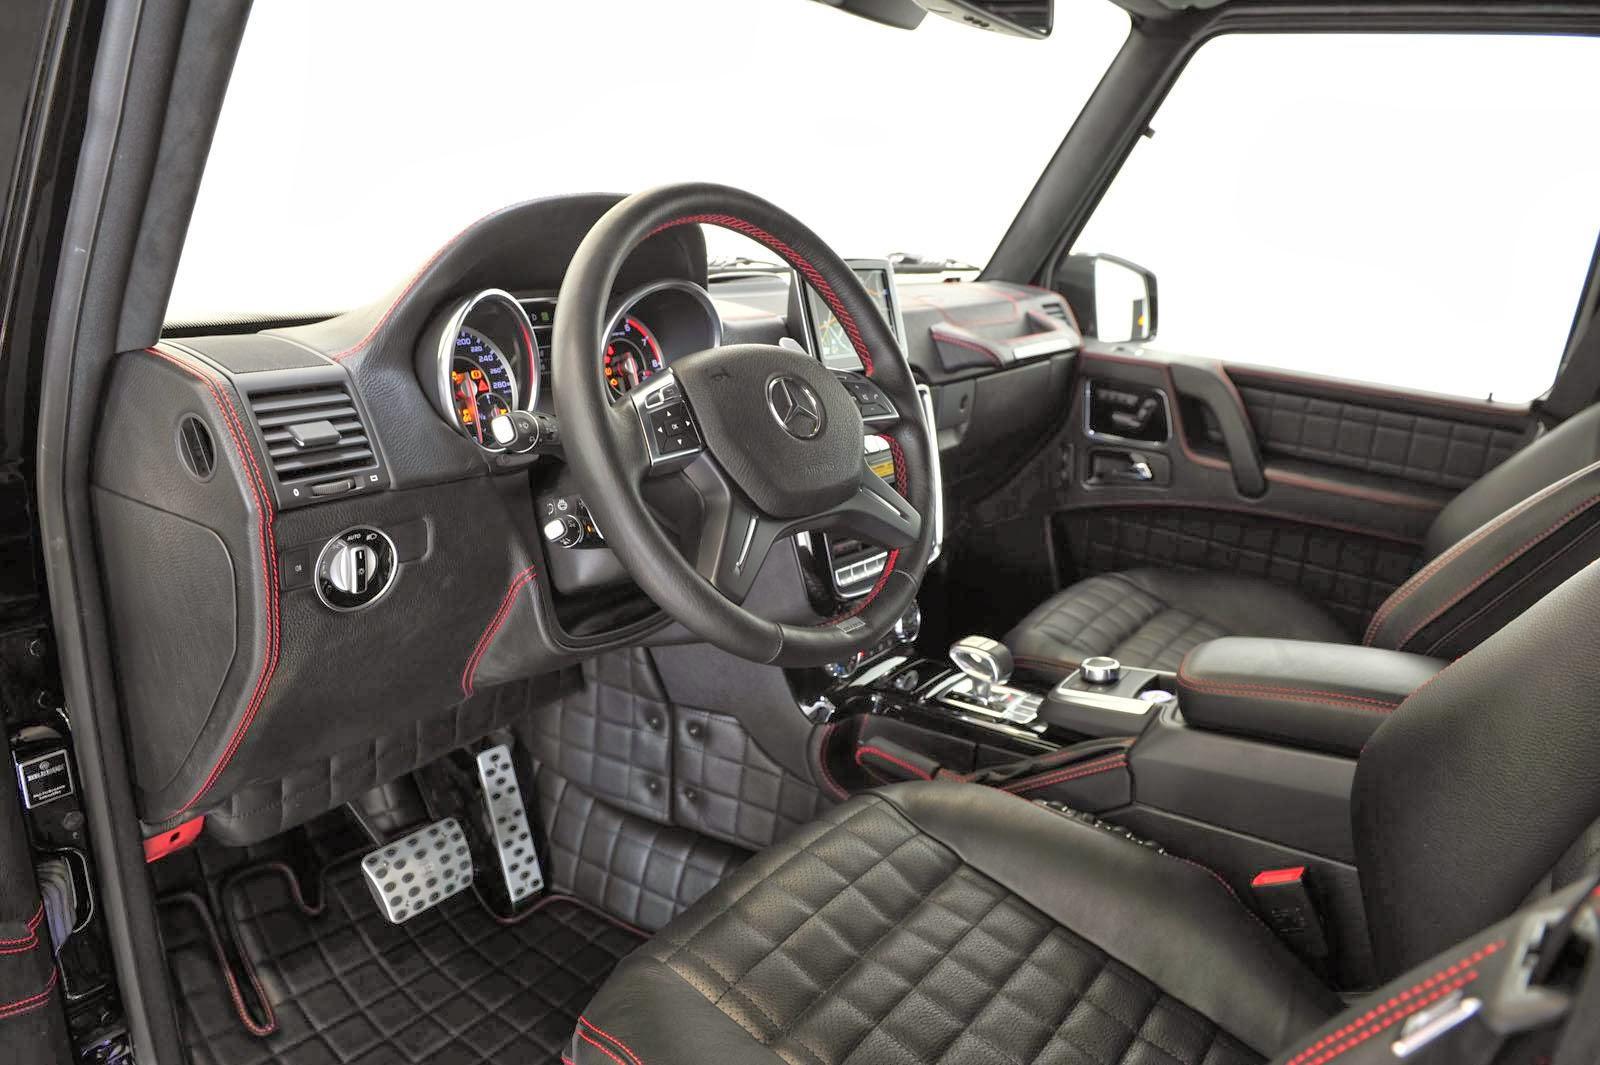 GWagon Brabus 800 iBusiness Front Interior